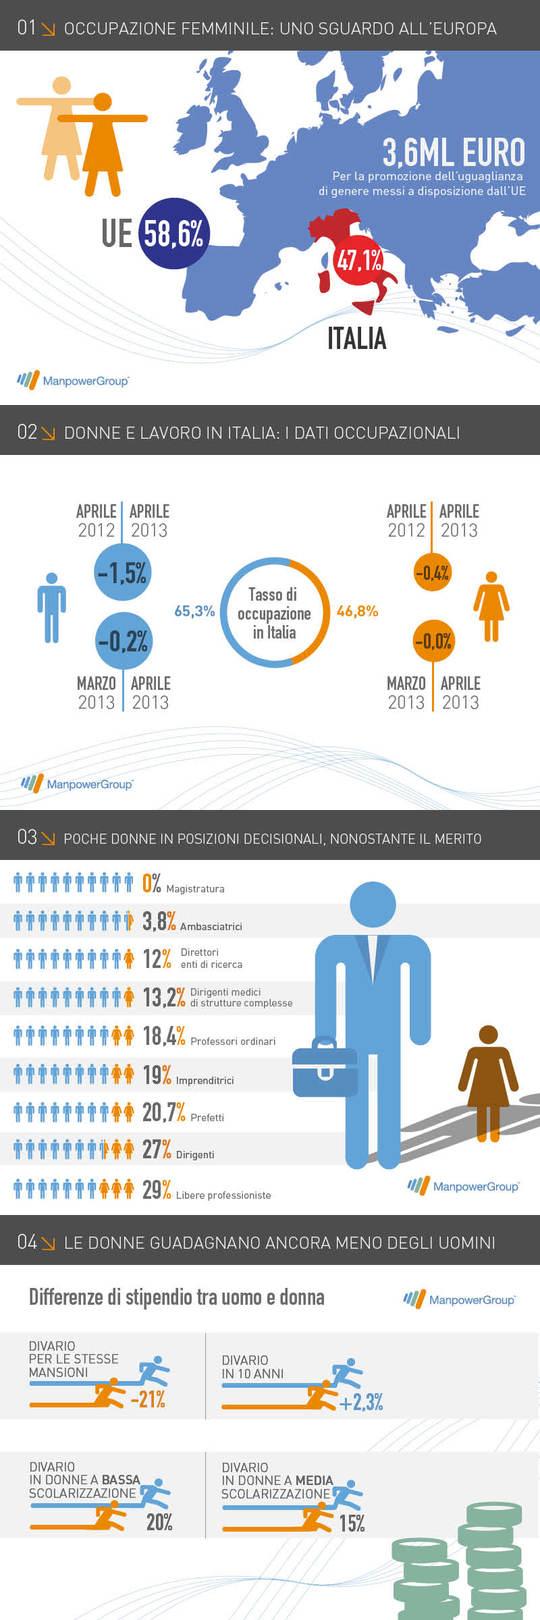 Infografica-01-1447323234